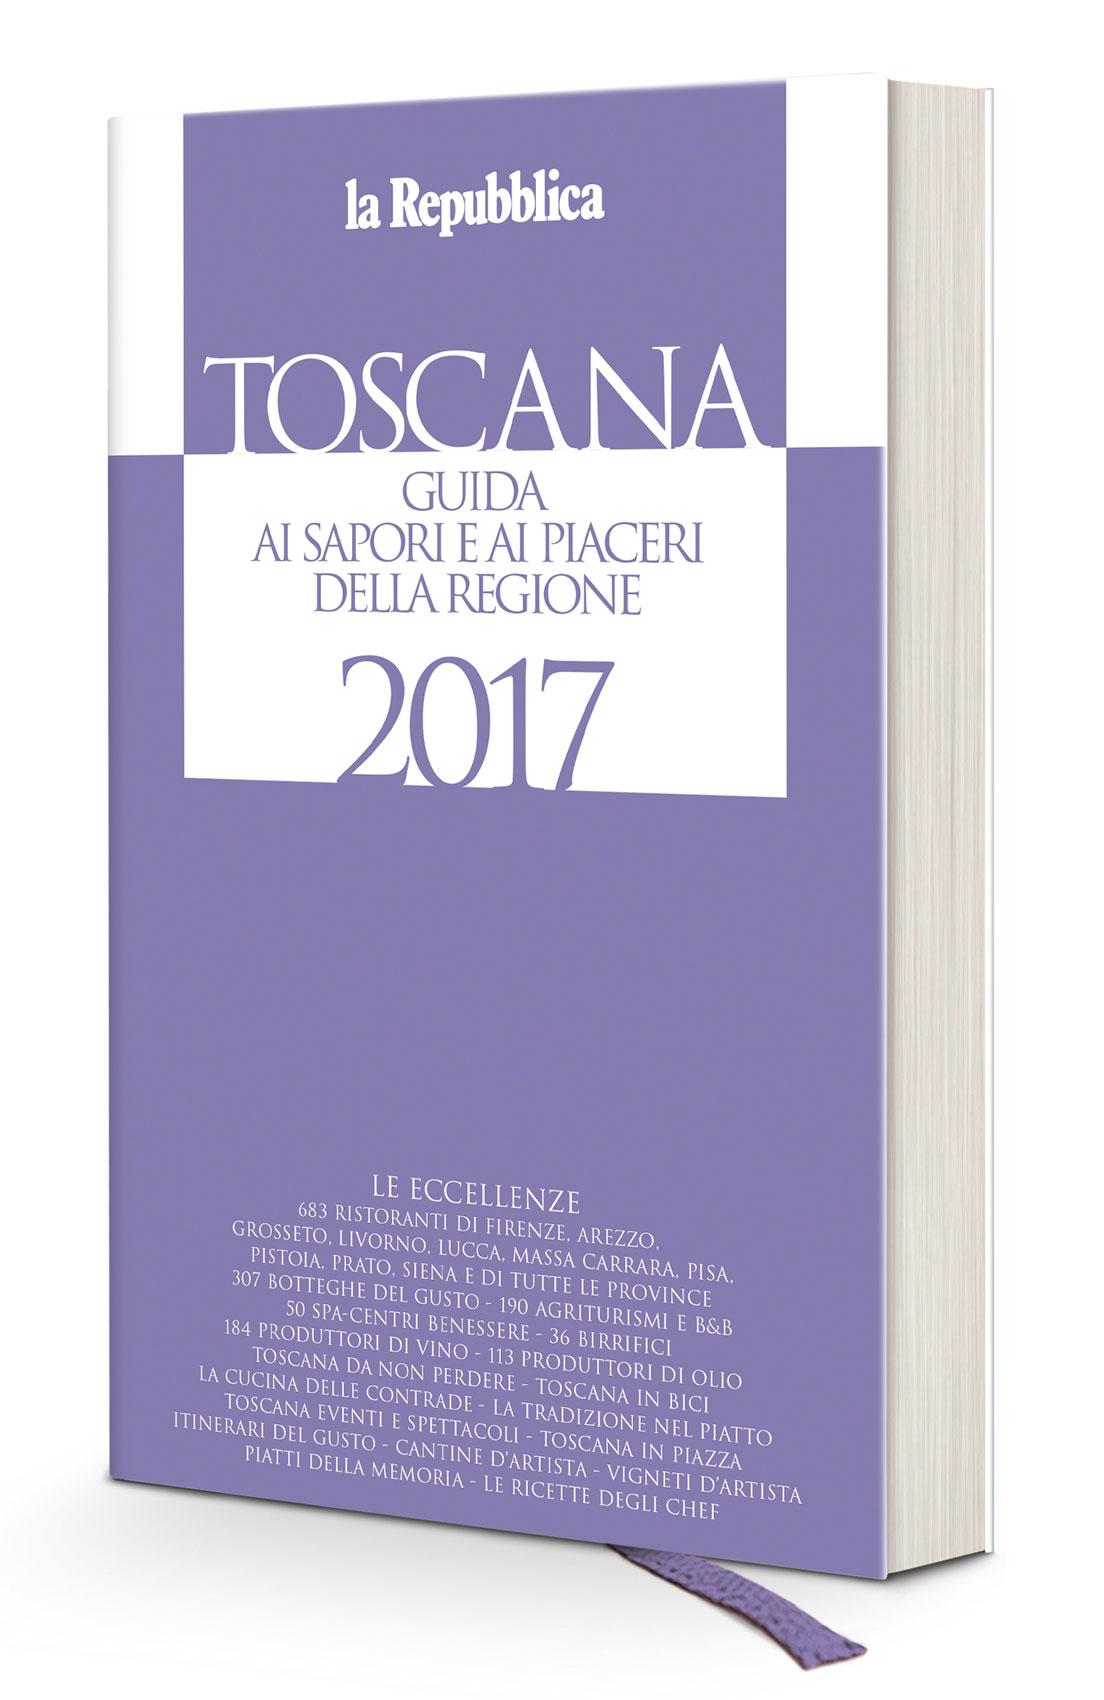 guida_toscana